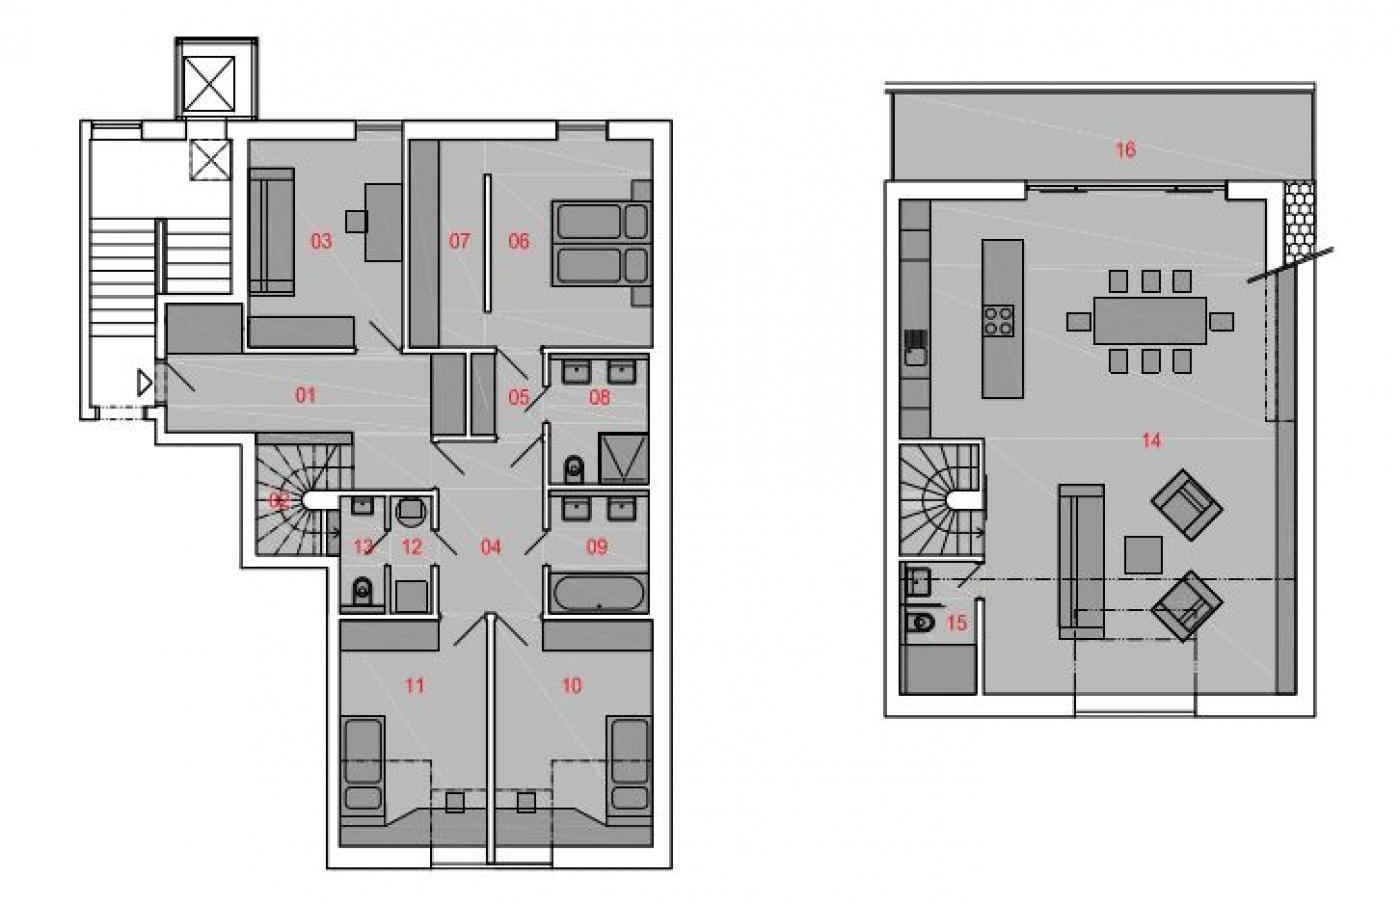 Půdorys - Půdní byt 5+kk, plocha 194 m², ulice Slezská, Praha 2 - Vinohrady